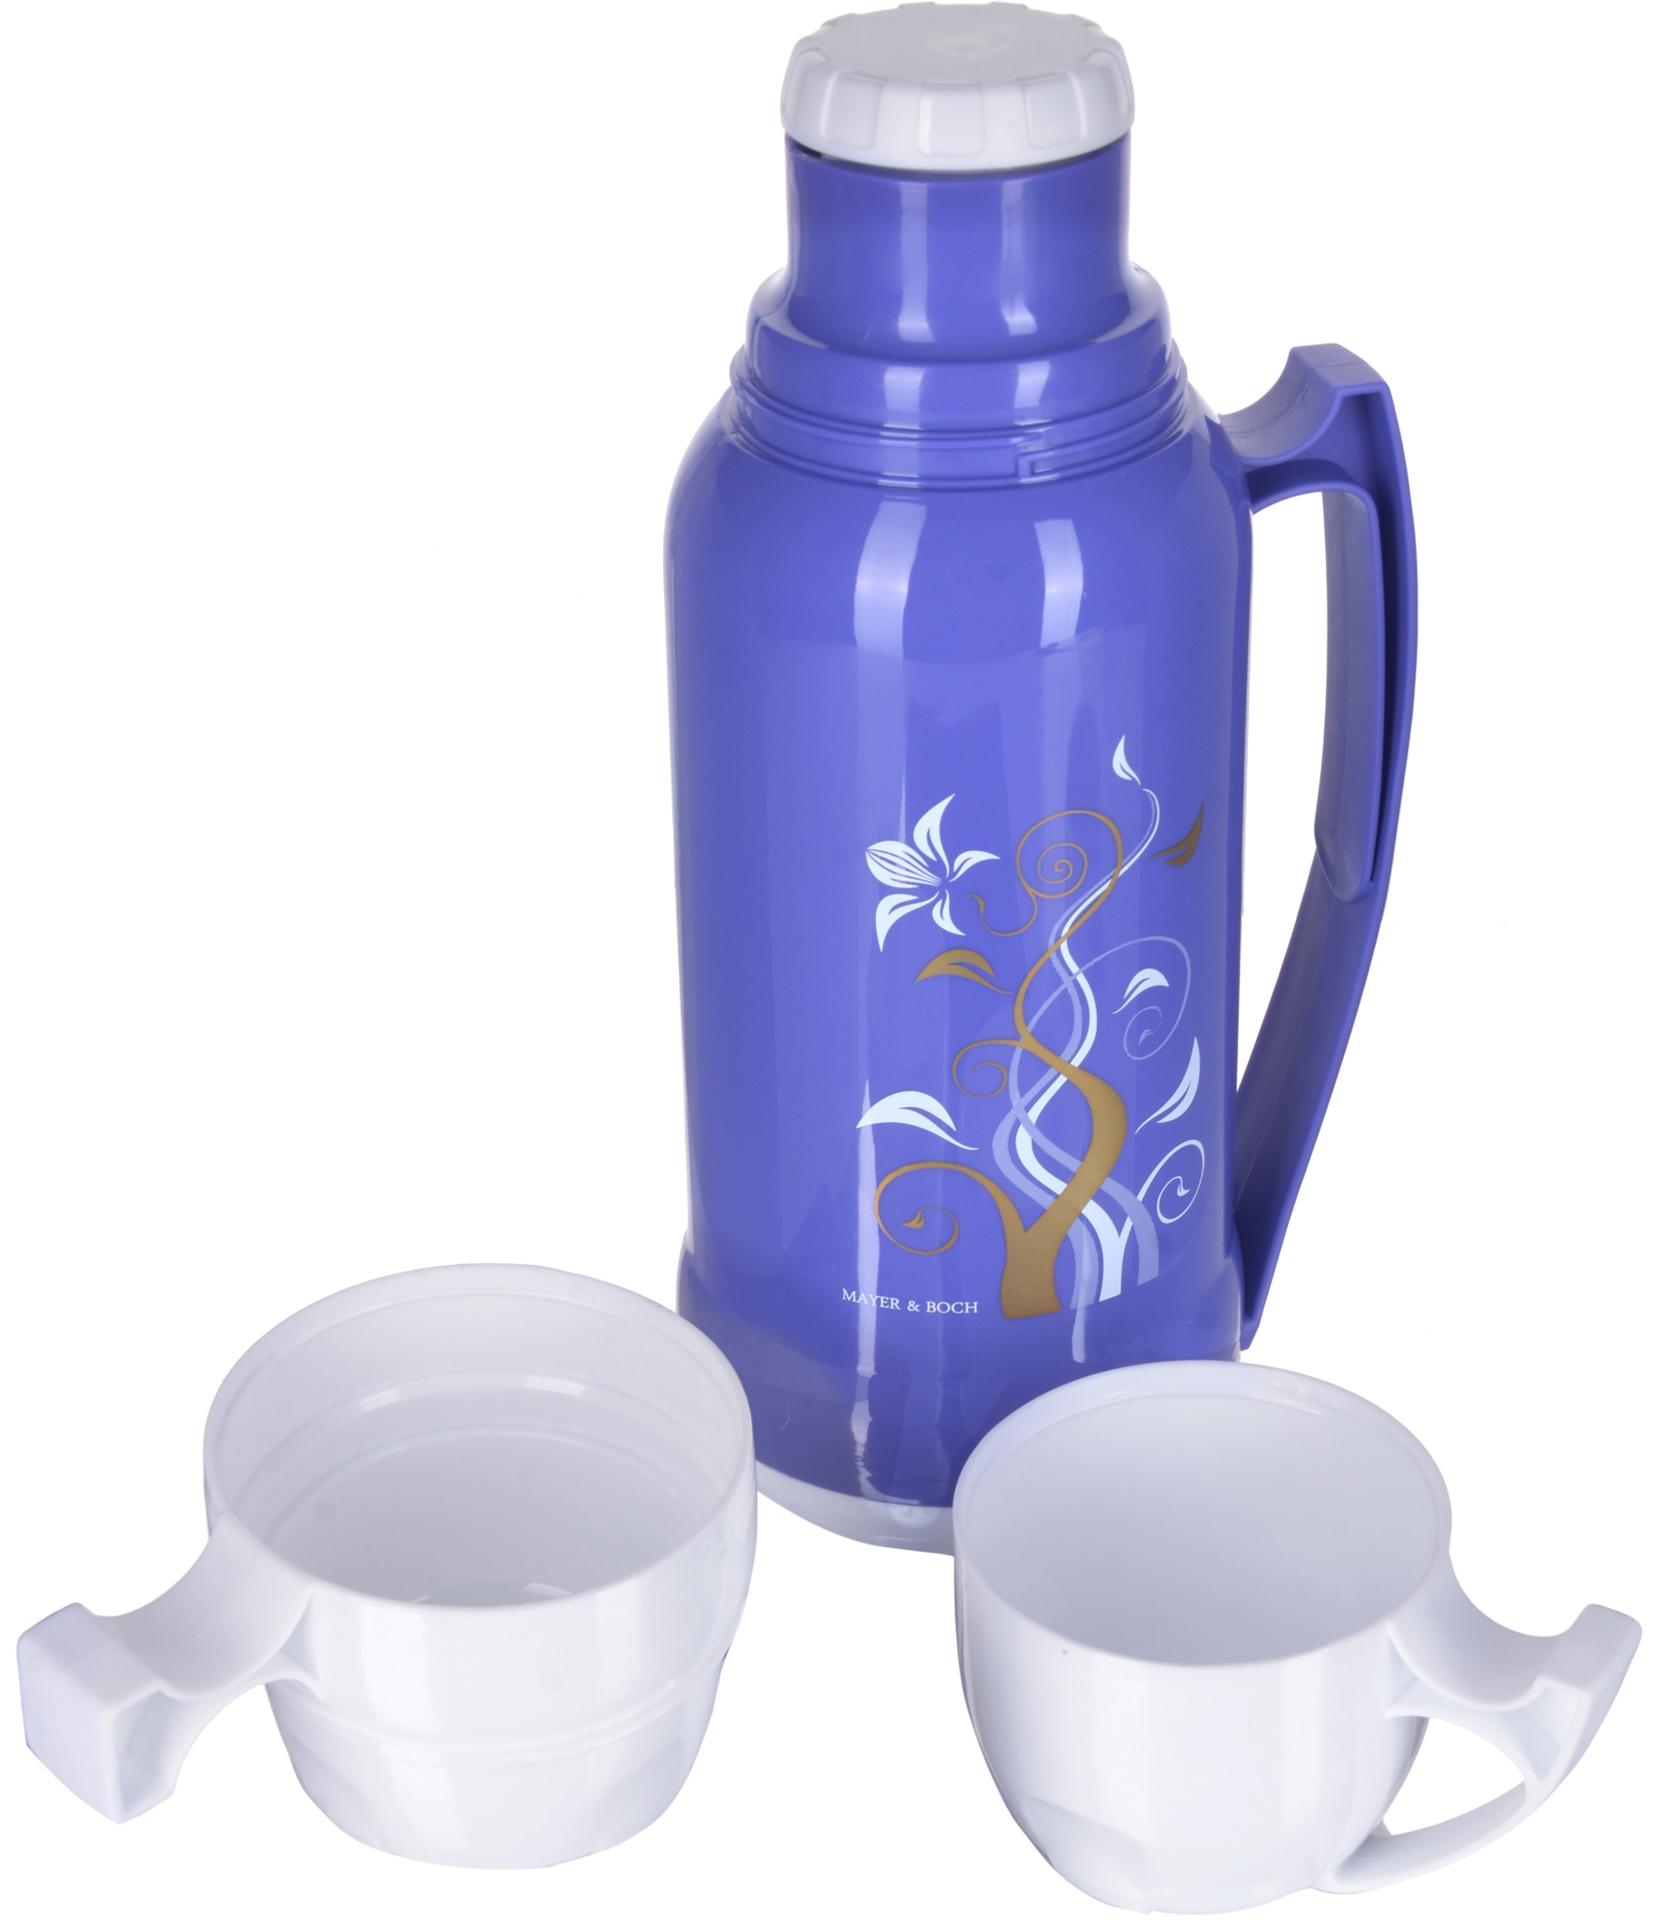 Термос Mayer & Boch с цветным пластиковым корпусом и стеклянной внутренней колбой, является самым востребованным среди покупателей. По своим теплообменным характеристикам термос со стеклянной колбой не уступает термосам со стальными колбами, но благодаря свойствам стекла, в него можно наливать напитки с сильными, устойчивыми ароматами. Термос оснащен большой удобной ручкой и 2-мя пластиковыми кружками. Завинчивающаяся герметичная крышка предохраняет от проливаний. Термос способен сохранять необходимую температуру до 24-х часов. Легко и просто моется. Термос Mayer & Boch пригодится в любой ситуации: будь то поход, поездка или просто чаепитие.